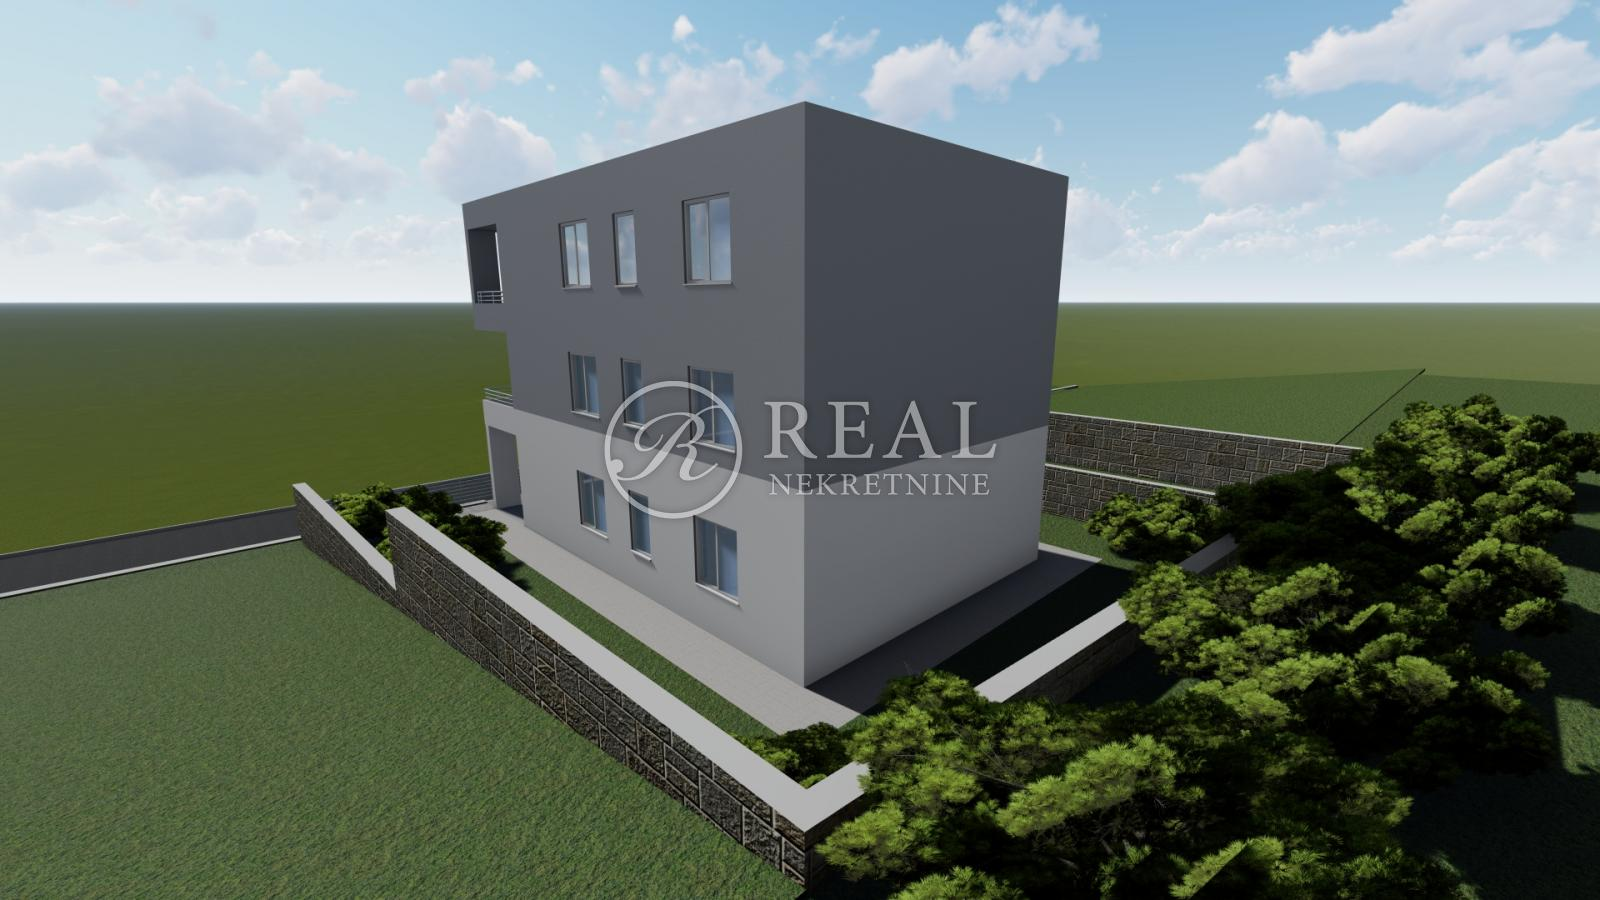 Samo kod nas!Martinkovac!Novogradnja ,urbana Vila 3 stana,92 m2,3S+DB,balkon 18 m,prekrasan pogled na more